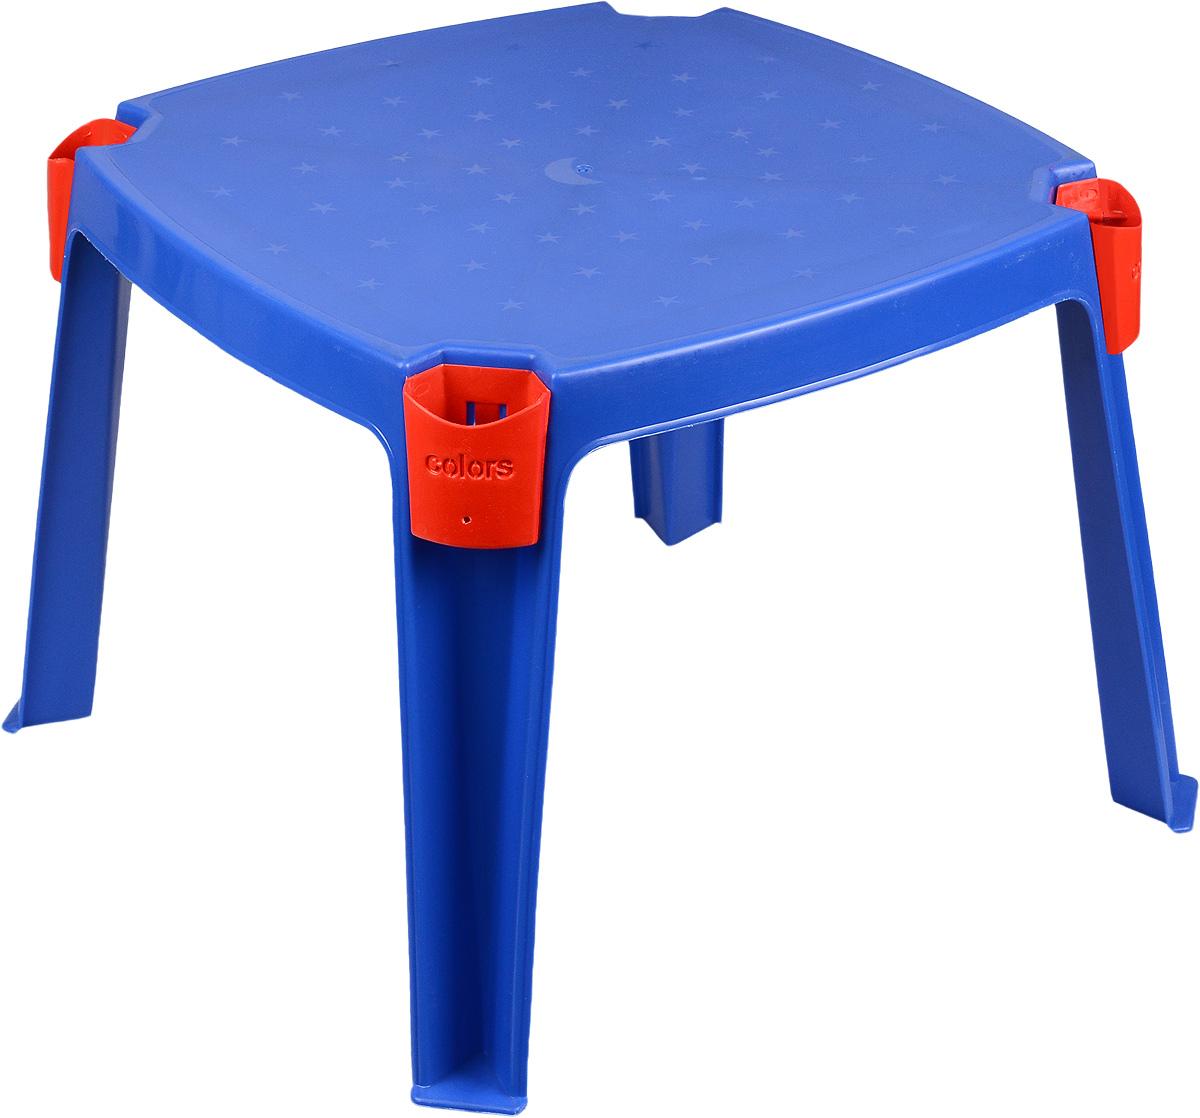 Marian Plast Стол детский с карманами 53 см х 53 см цвет синий364_синУдобный детский столик Marian Plast необходим каждому ребенку. За столиком ребенок может играть, заниматься творчеством. Изделие, изготовленное из прочного, но легкого полимерного материала, оснащено удобными кармашками для хранения различных предметов. Теперь у малыша будет отдельный столик, который идеально подойдет ему по размеру и он сможет приглашать на чаепитие своих друзей, в том числе и плюшевых, а также заниматься творческой работой: рисовать, лепить, раскрашивать.